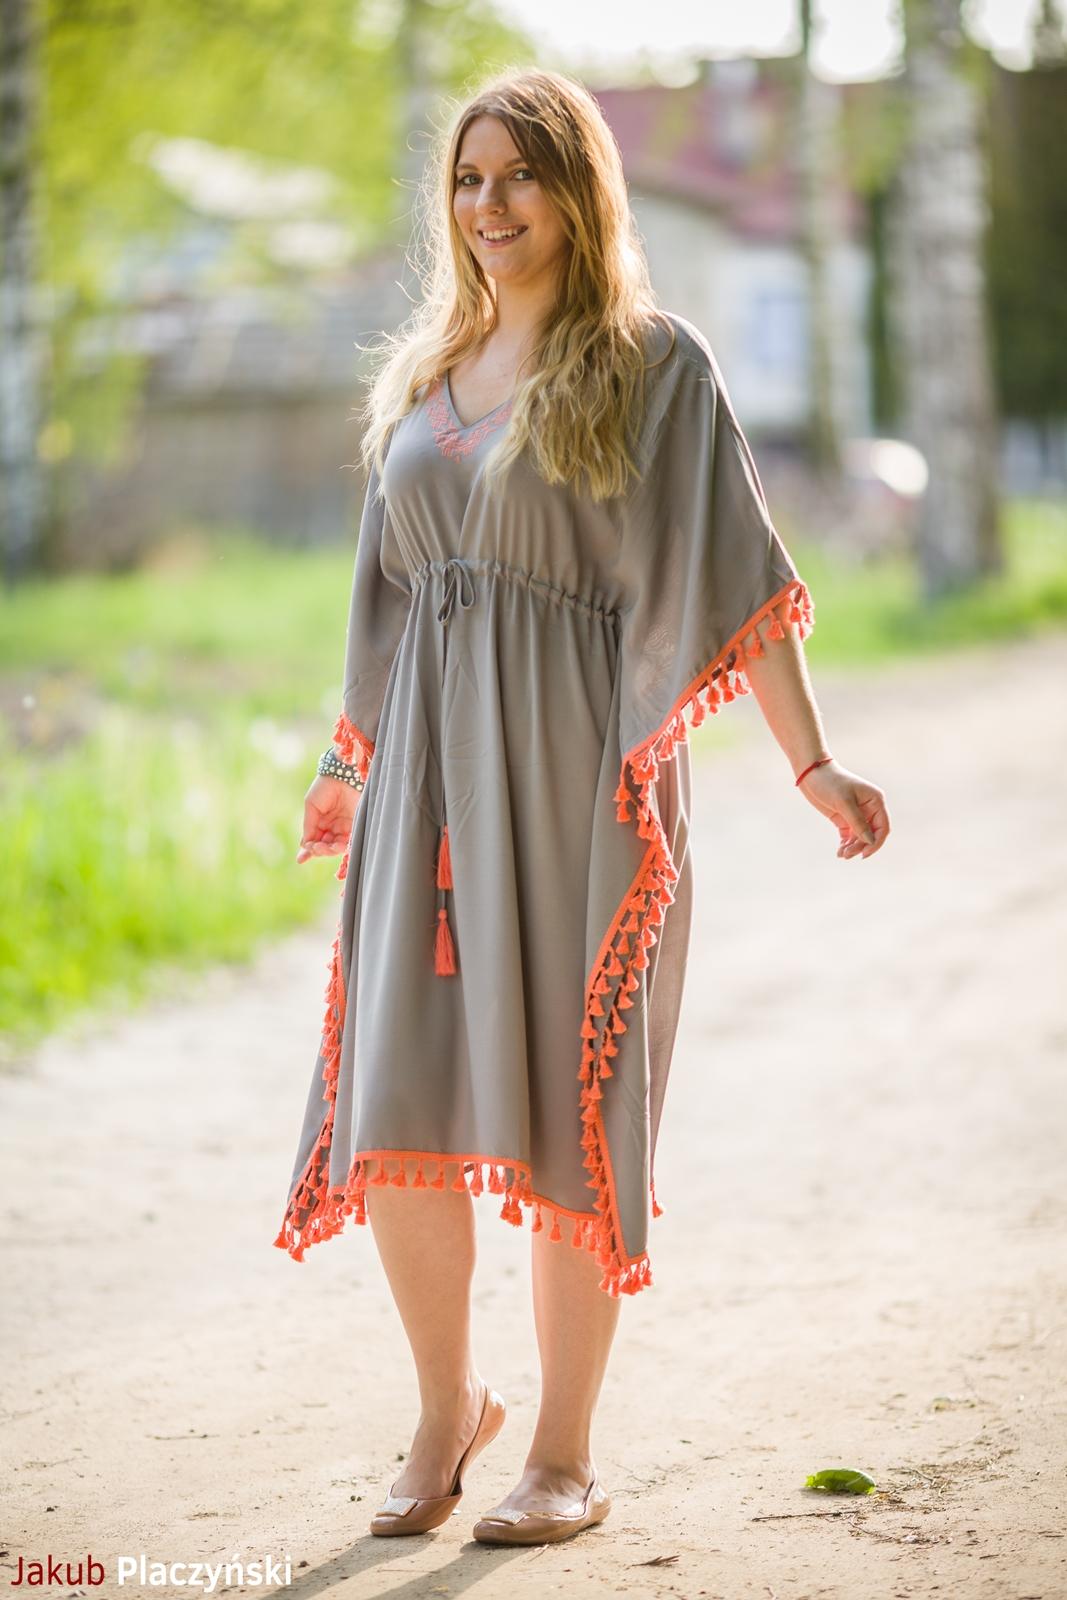 5  sukienka szara z frędzlami maxi na lato bonprix sukienki na wakacje bizuteria piotrowski kryształy svarowskiego letnia stylizacja melodylaniella buty masujące nogi oka-b mivo shoes